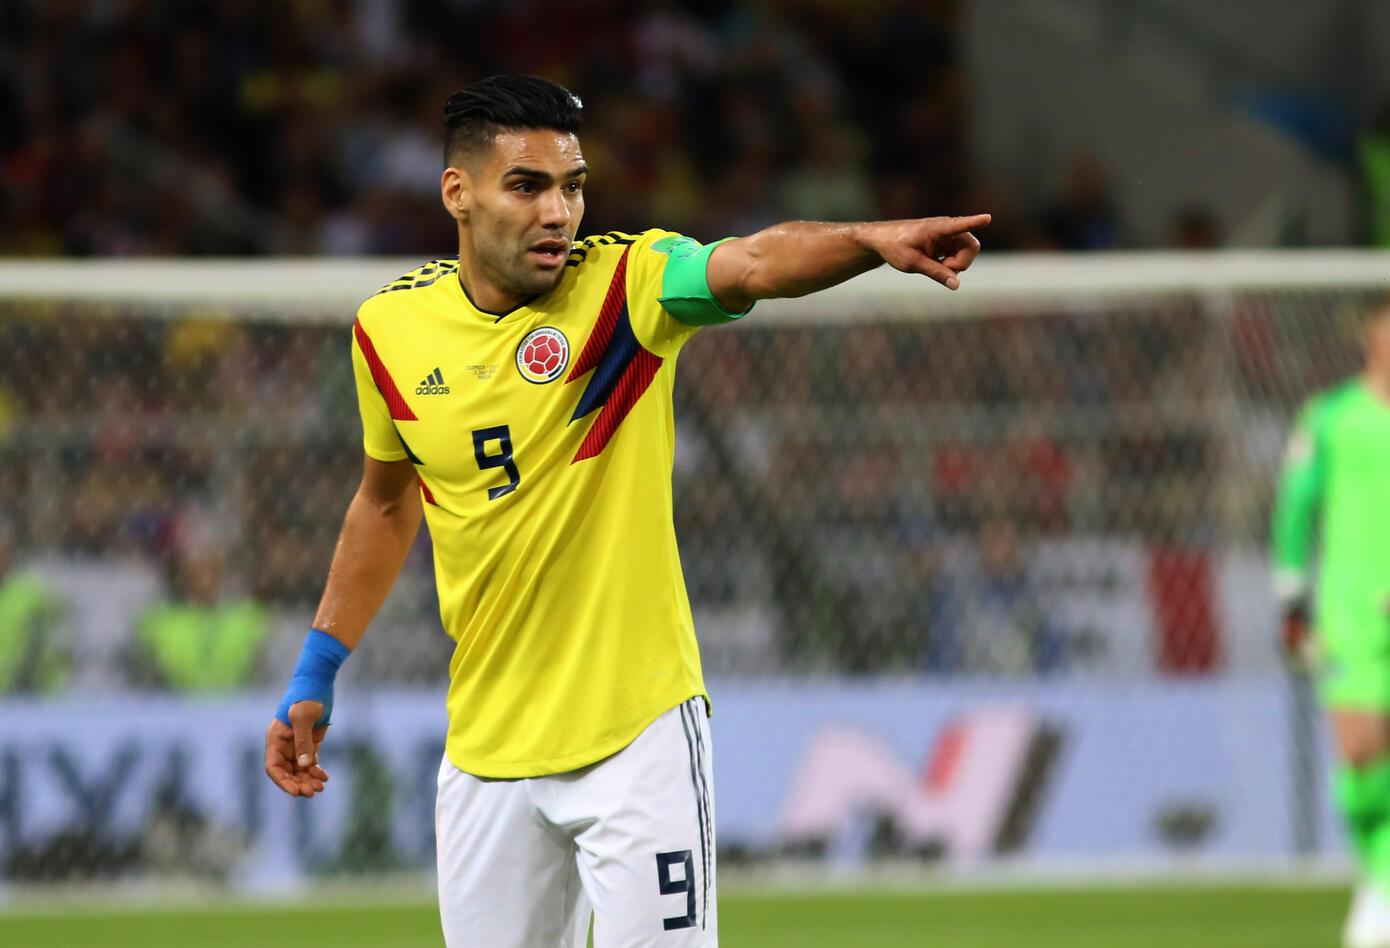 Radamel Falcao en Rusia 2018 con la Selección Colombia